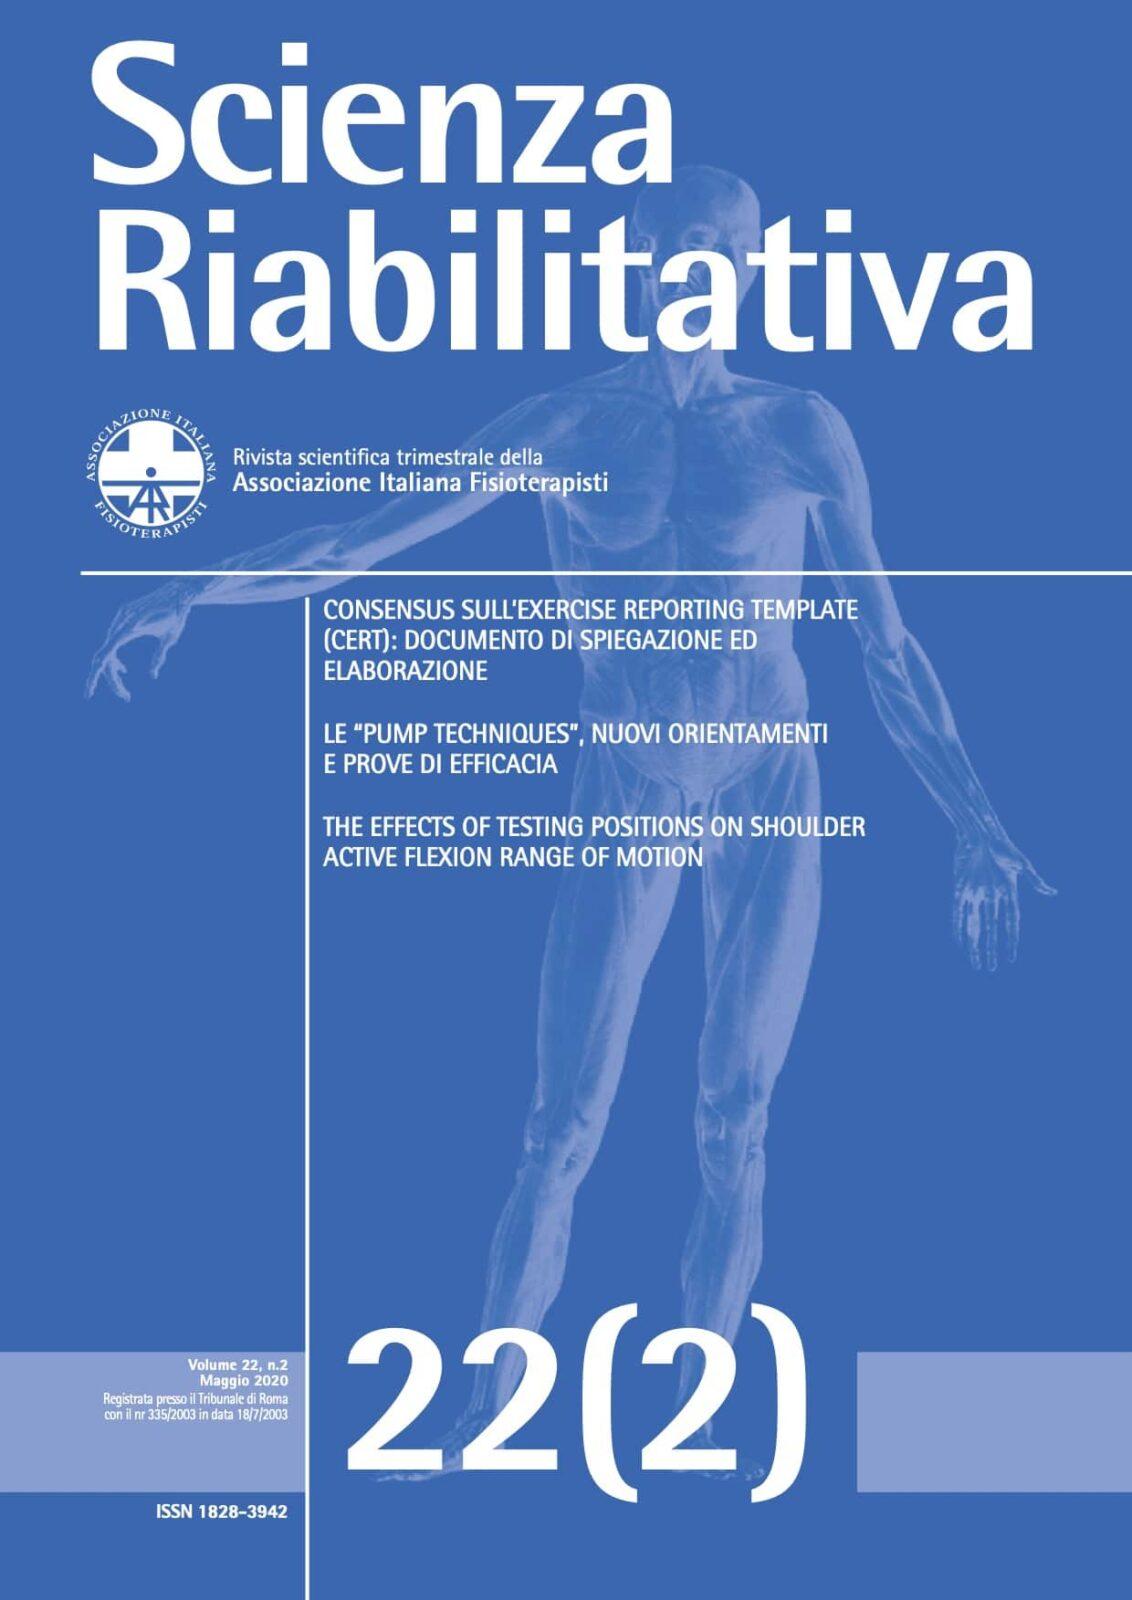 SCIENZA RIABILITATIVA 222